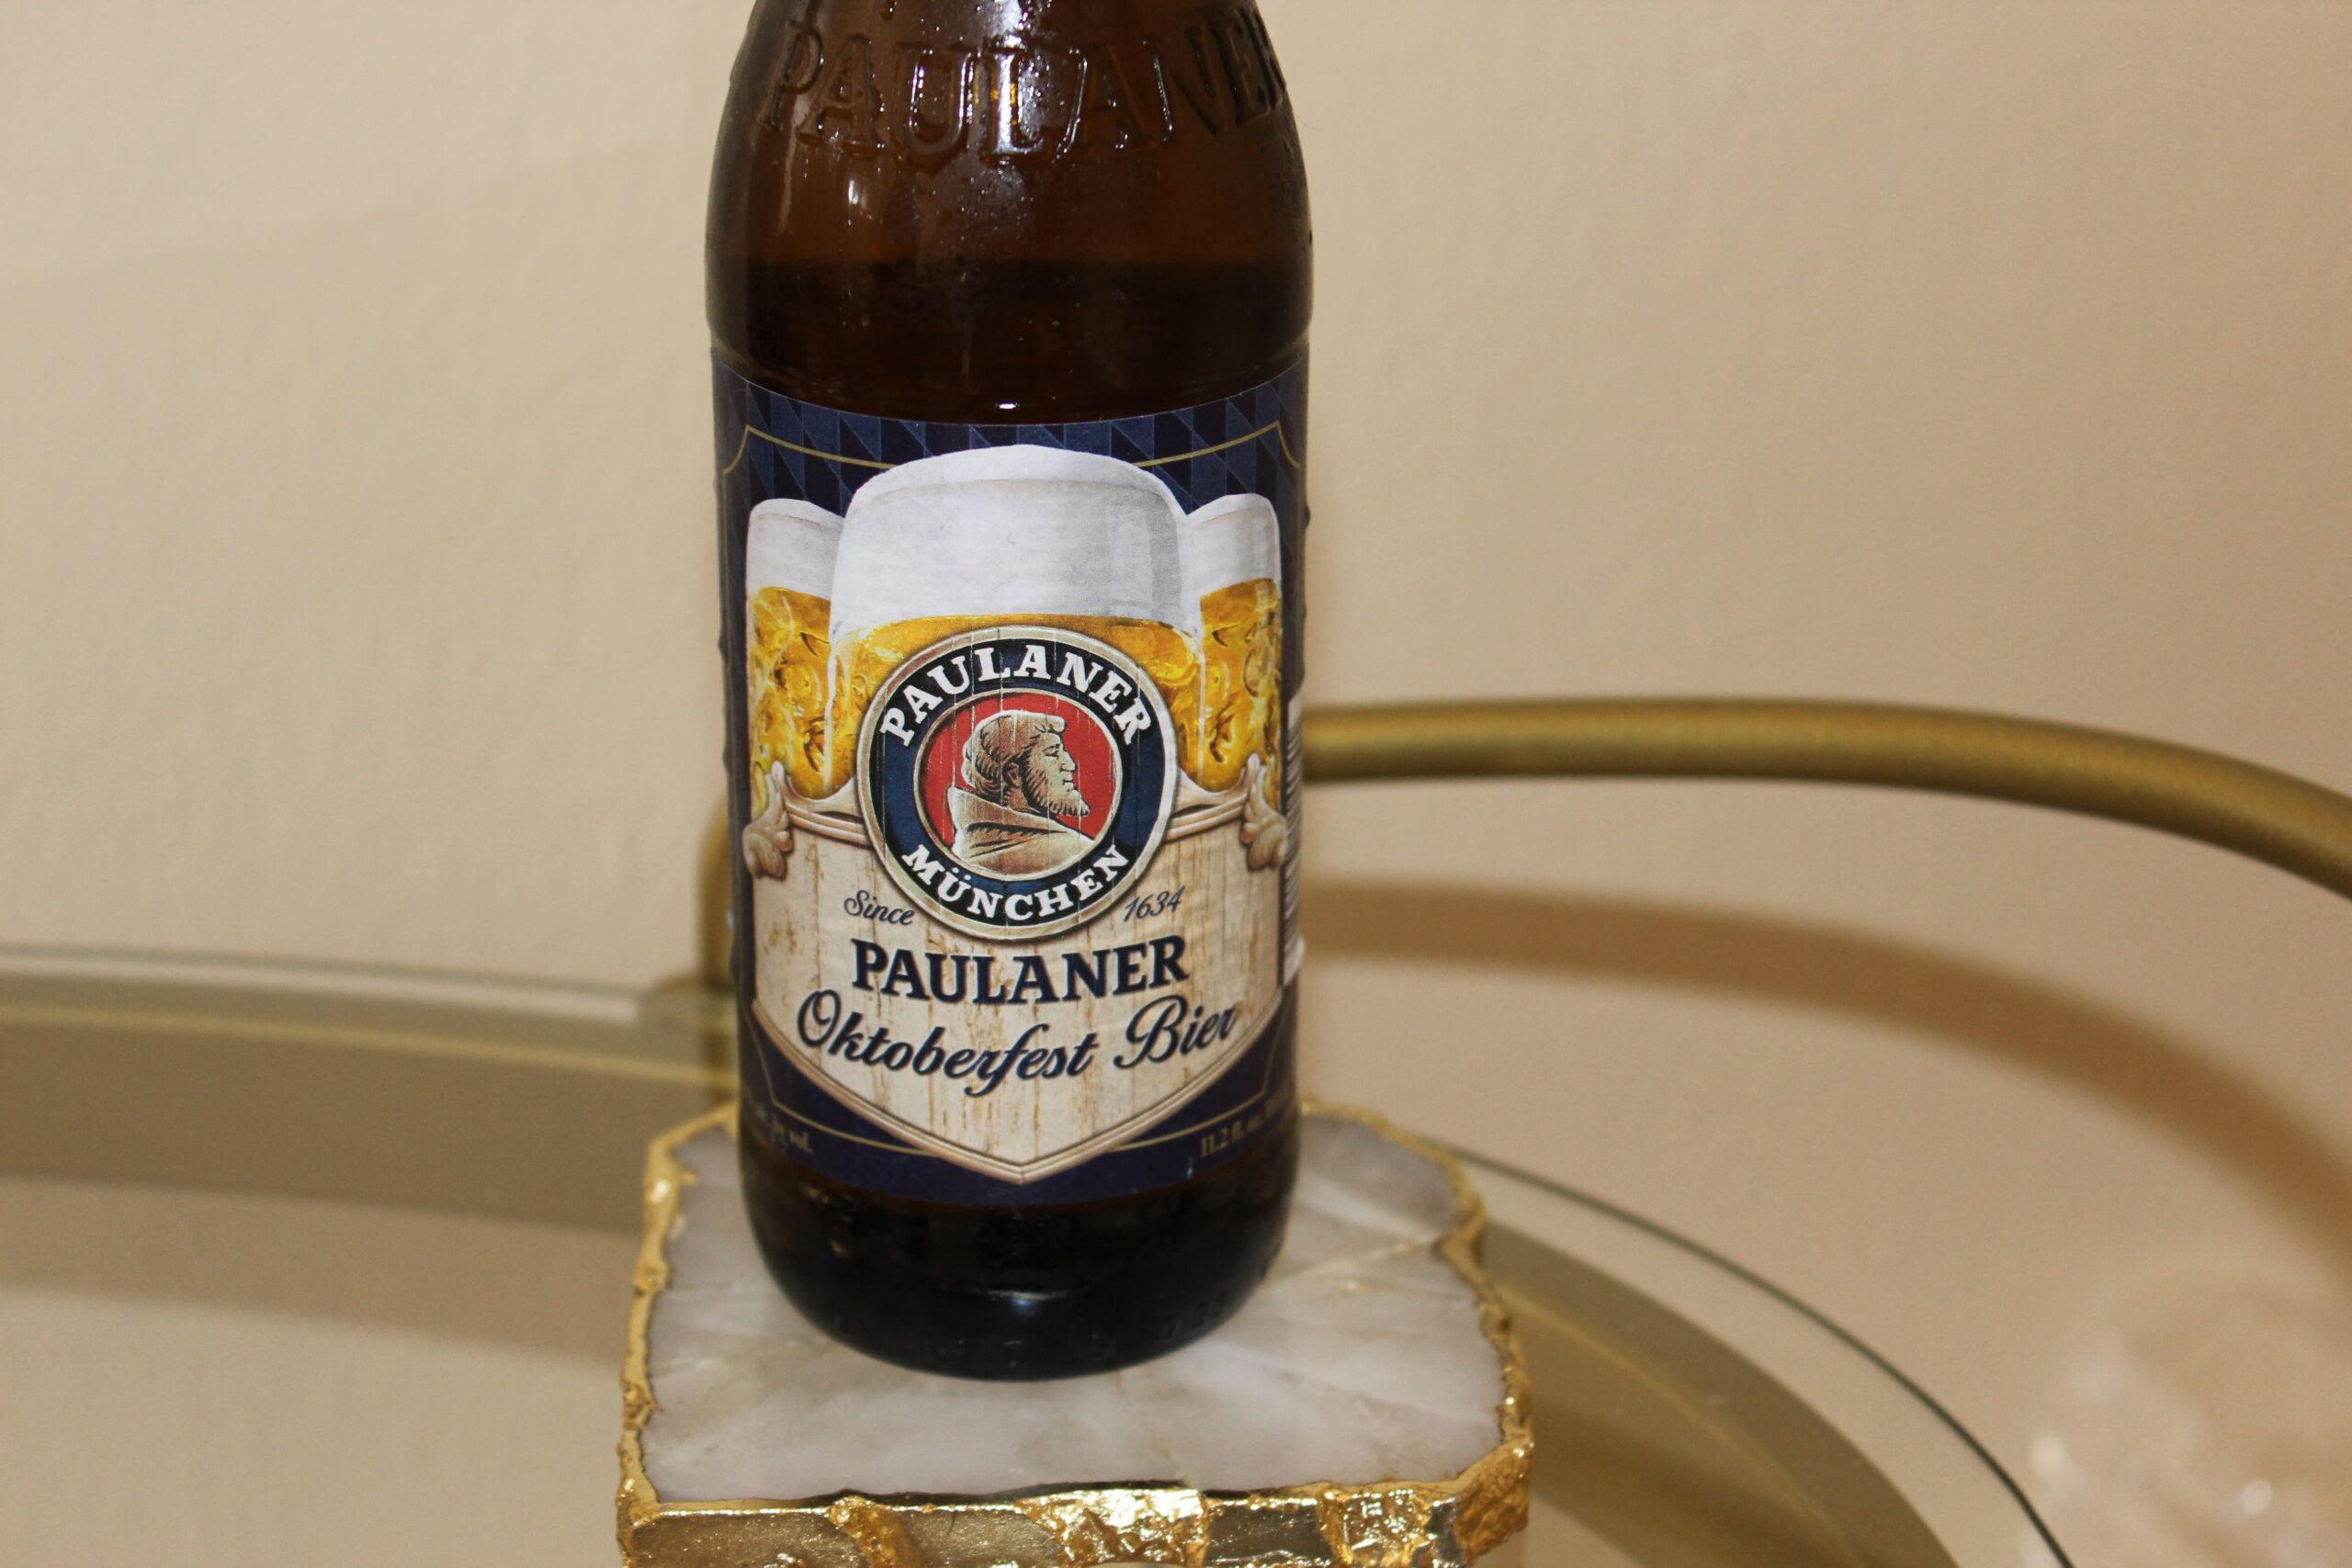 Paulaner Oktober Bier